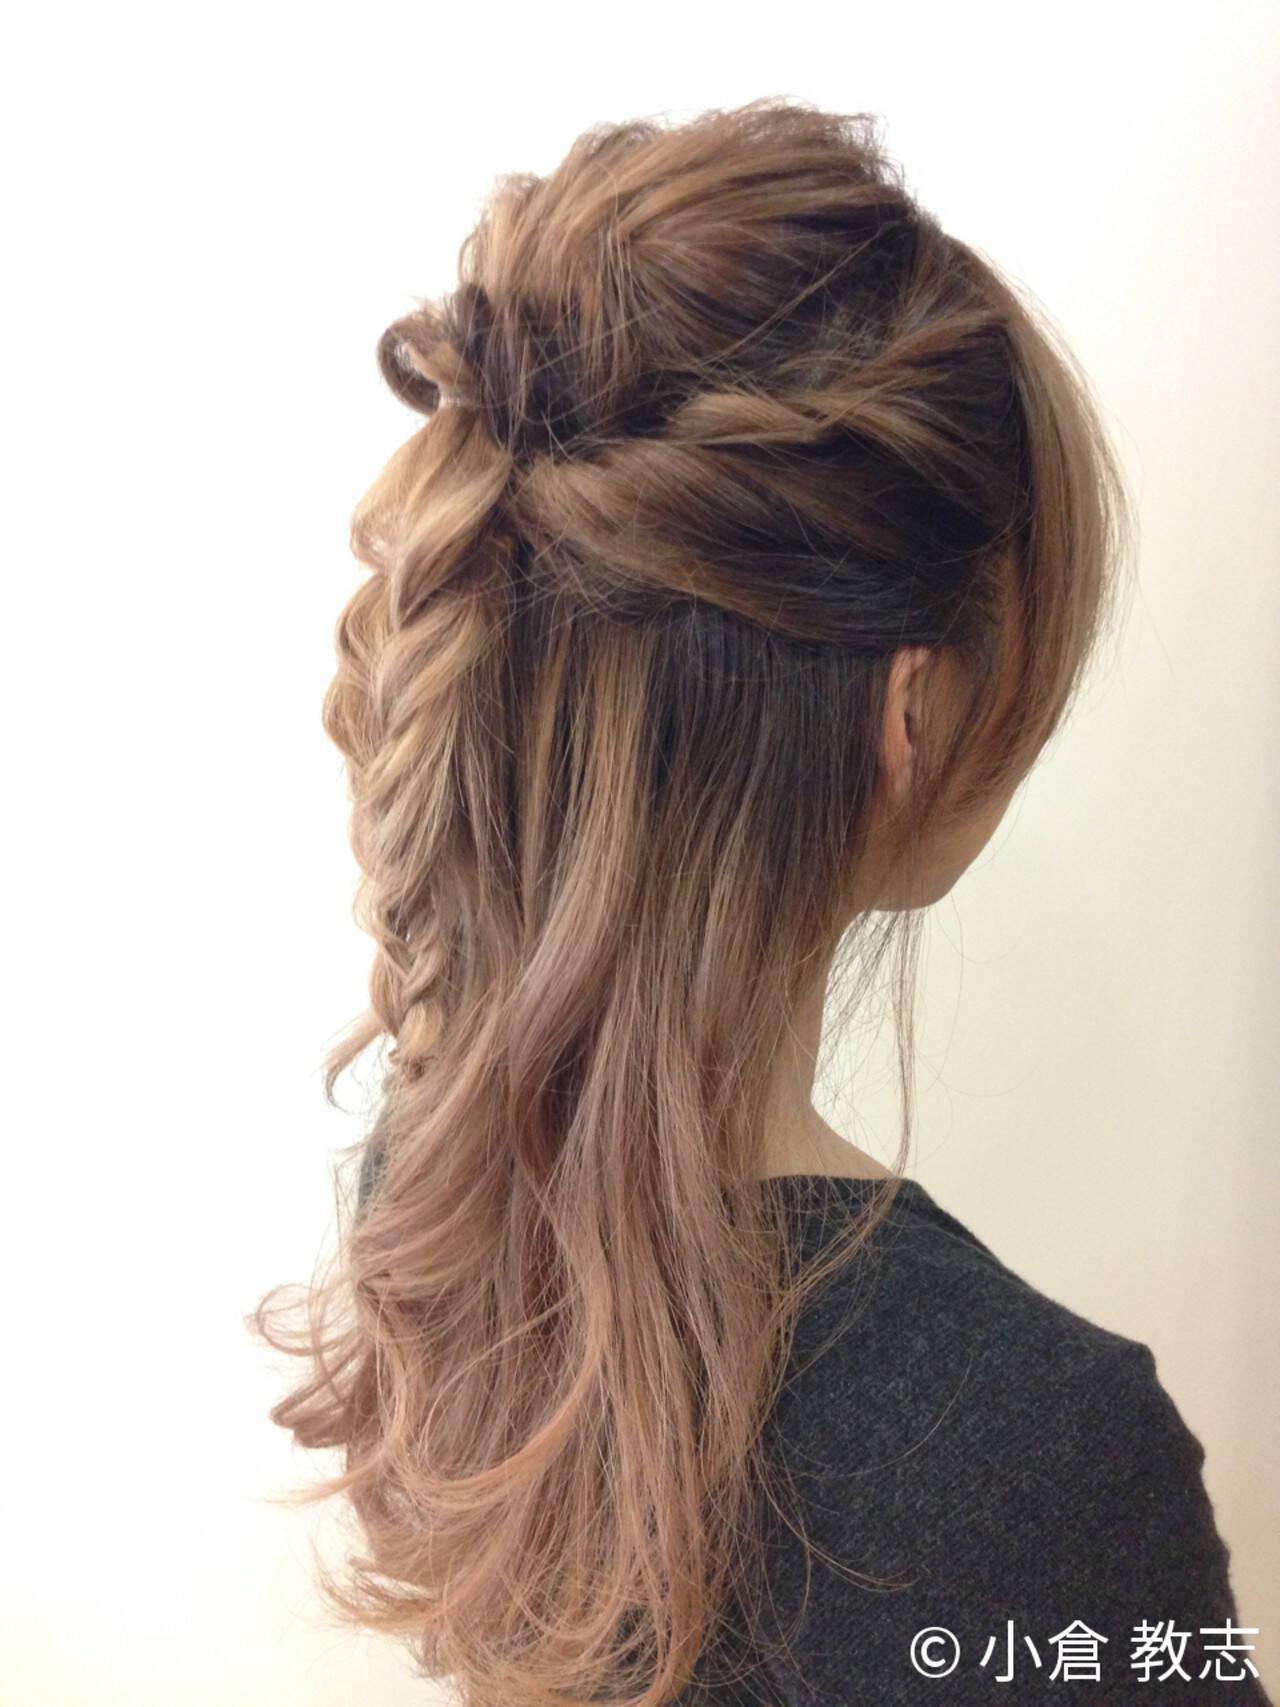 ハーフアップ ショート ねじり くるりんぱヘアスタイルや髪型の写真・画像